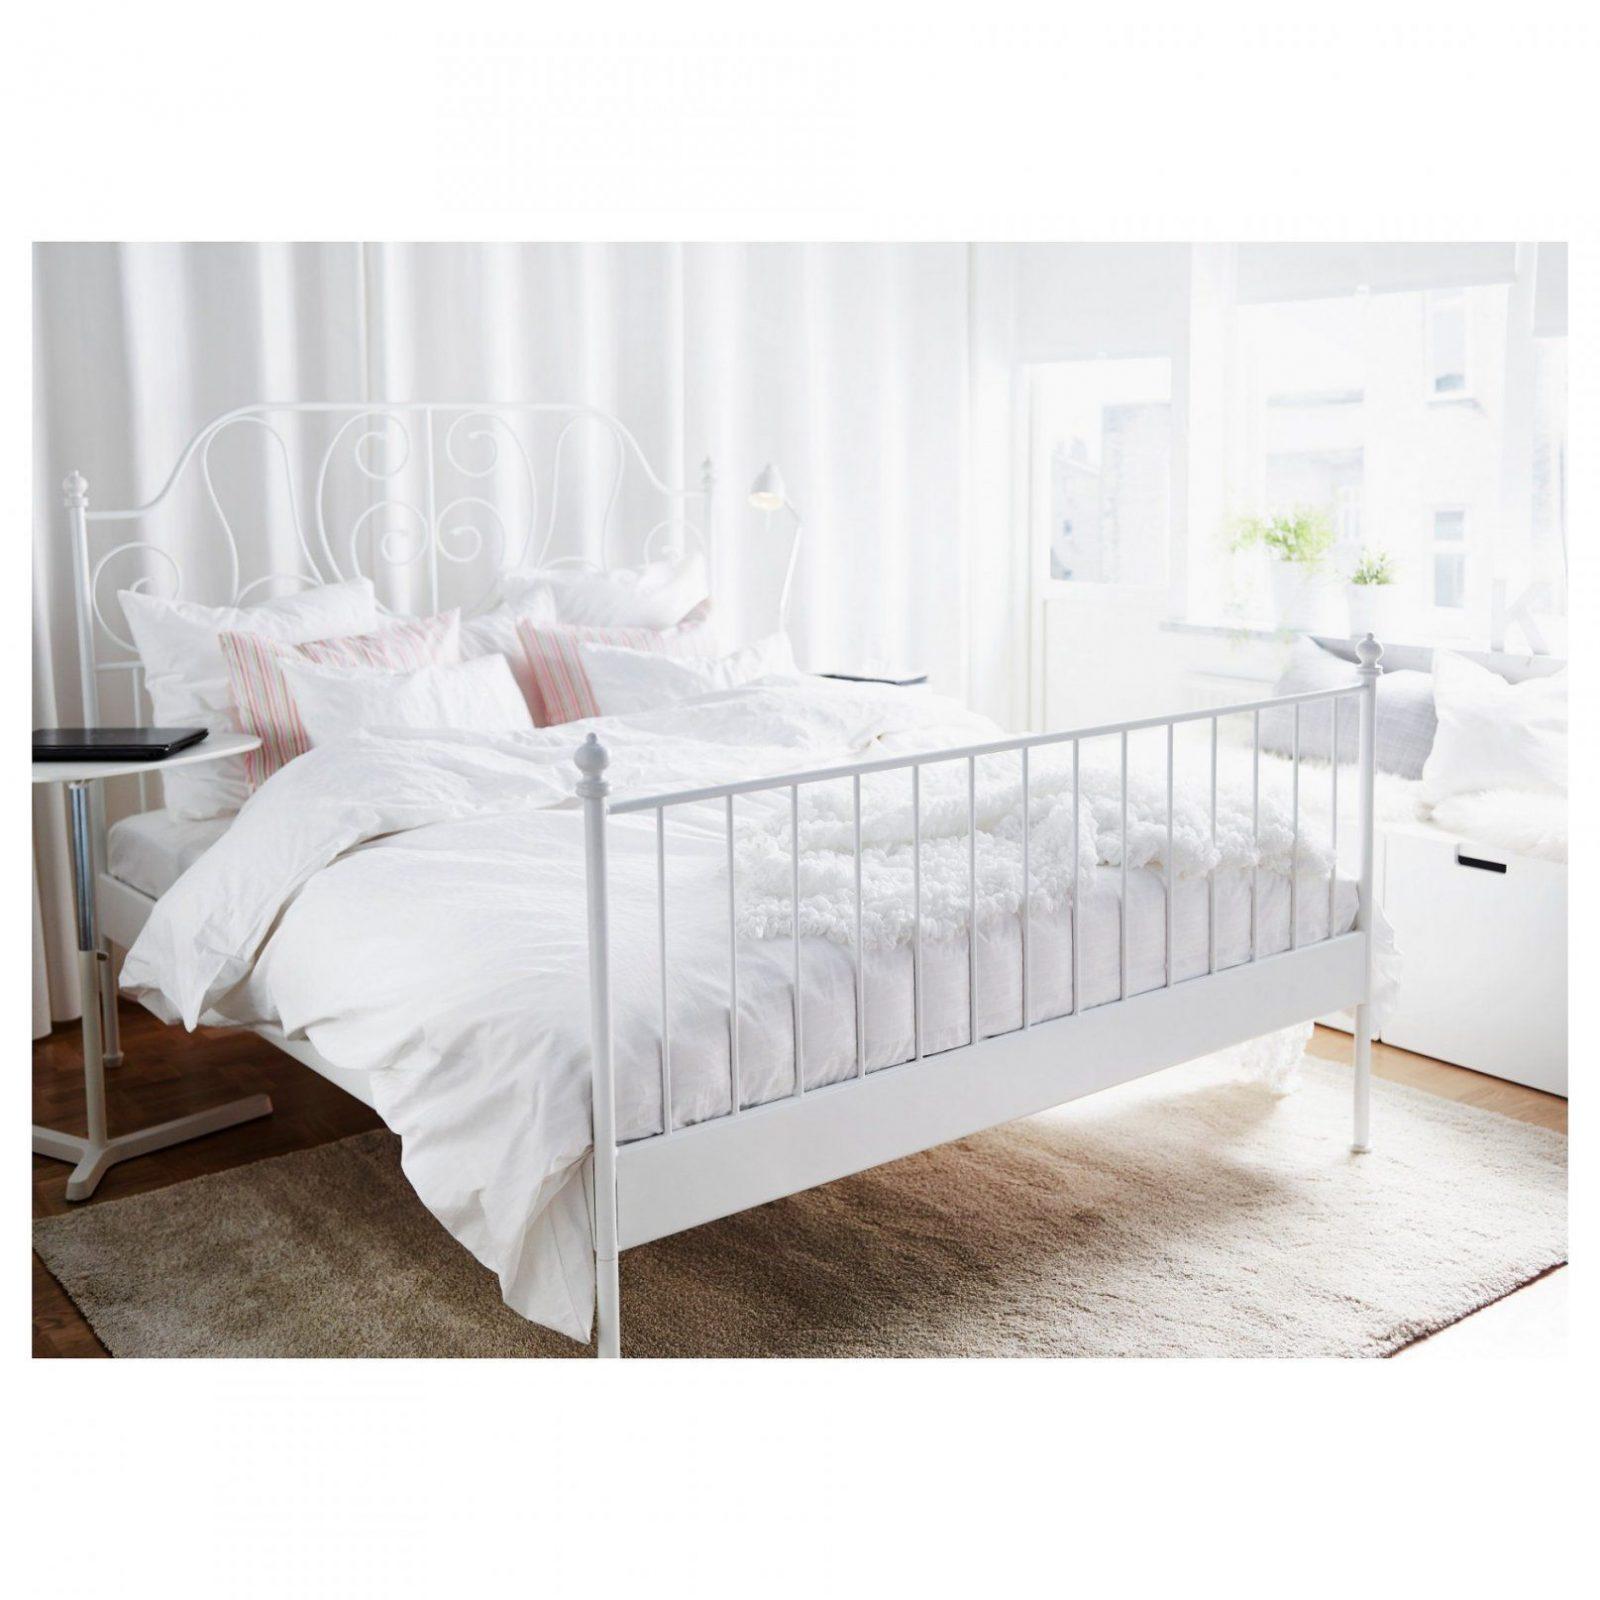 ikea bett wei 140x200 haus design ideen. Black Bedroom Furniture Sets. Home Design Ideas